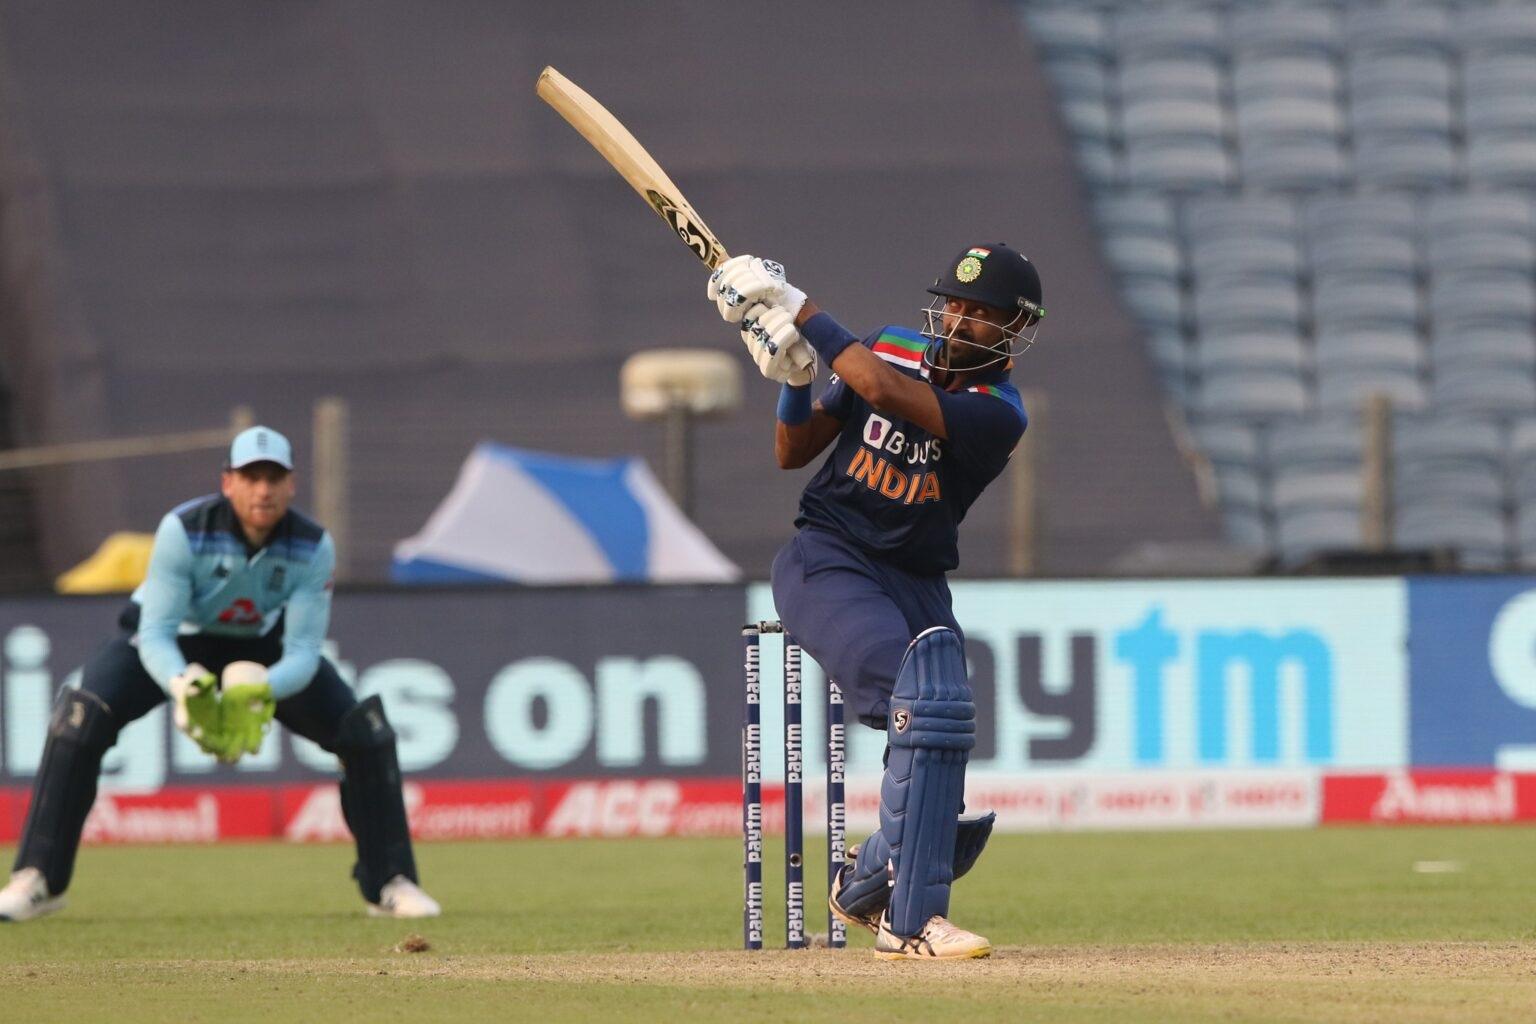 ভারতীয় দল ইংল্যান্ডকে দিল ৩১৮ রানের লক্ষ্য, কেএল আর ক্রুণাল দেখালেন বিক্রম 3